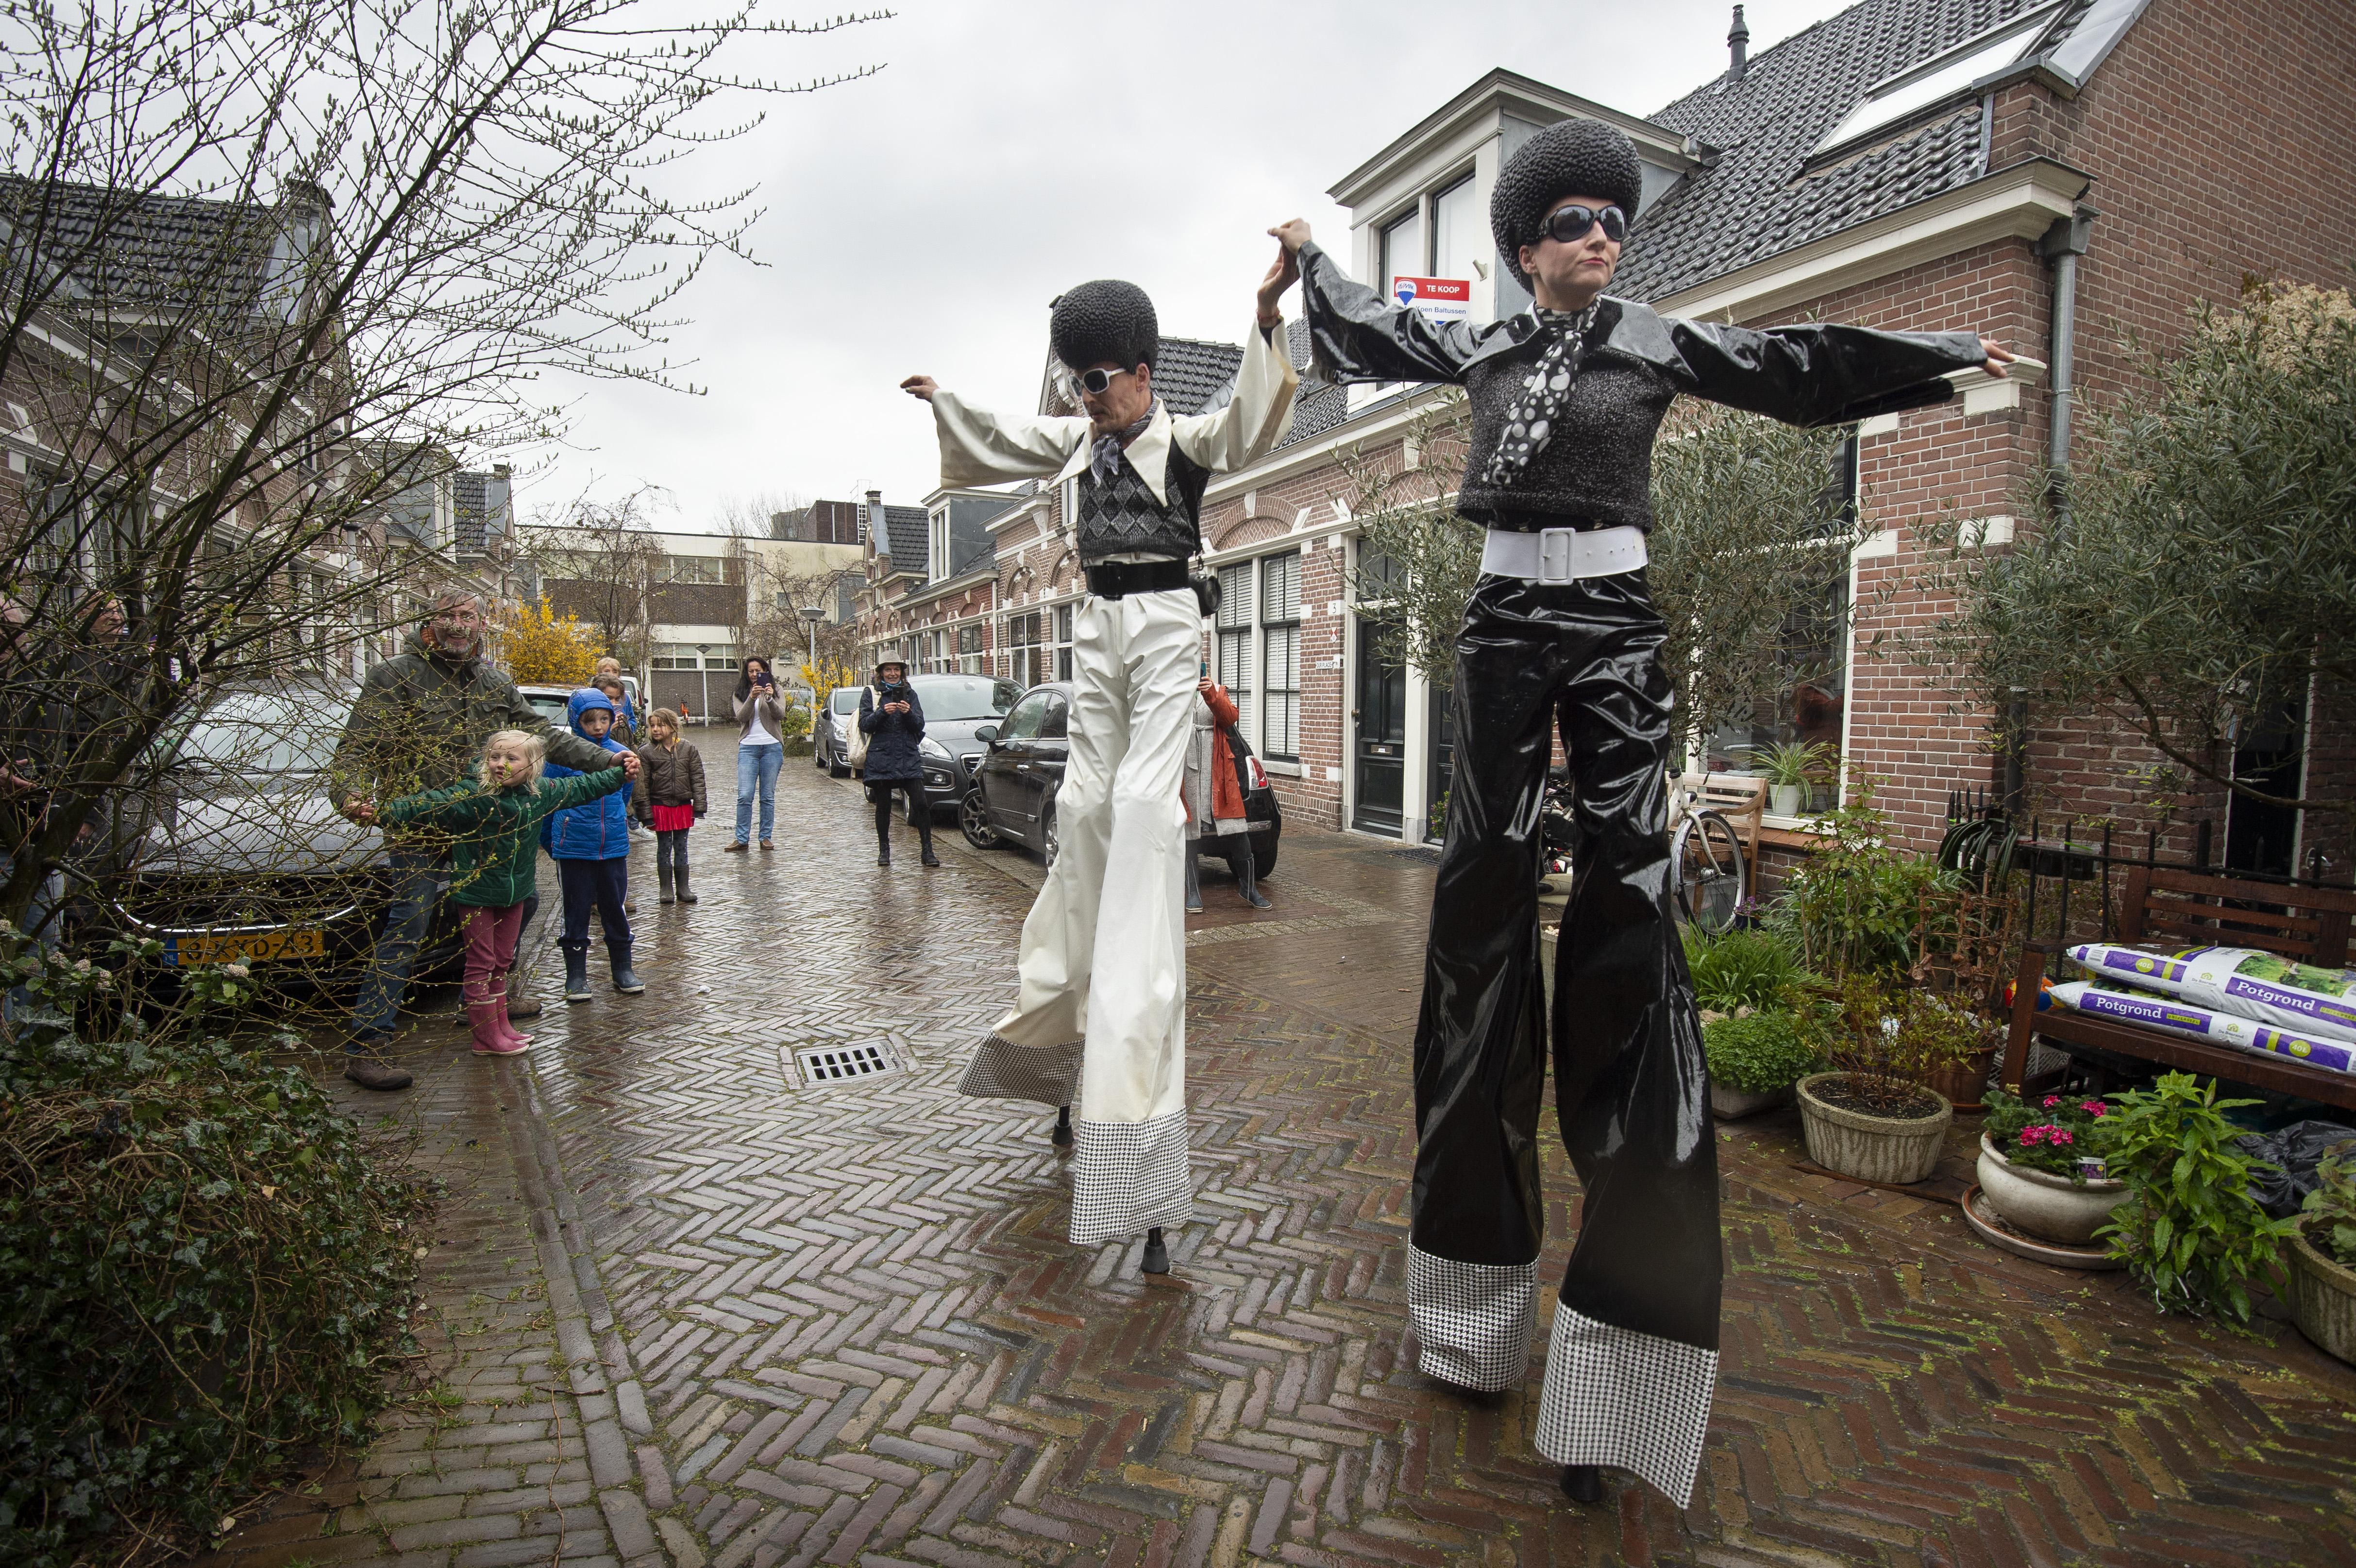 Steltlopers trekken dansend door Leidse Maredijkbuurt: 'U heeft de culturele straatprijs gewonnen' [video]